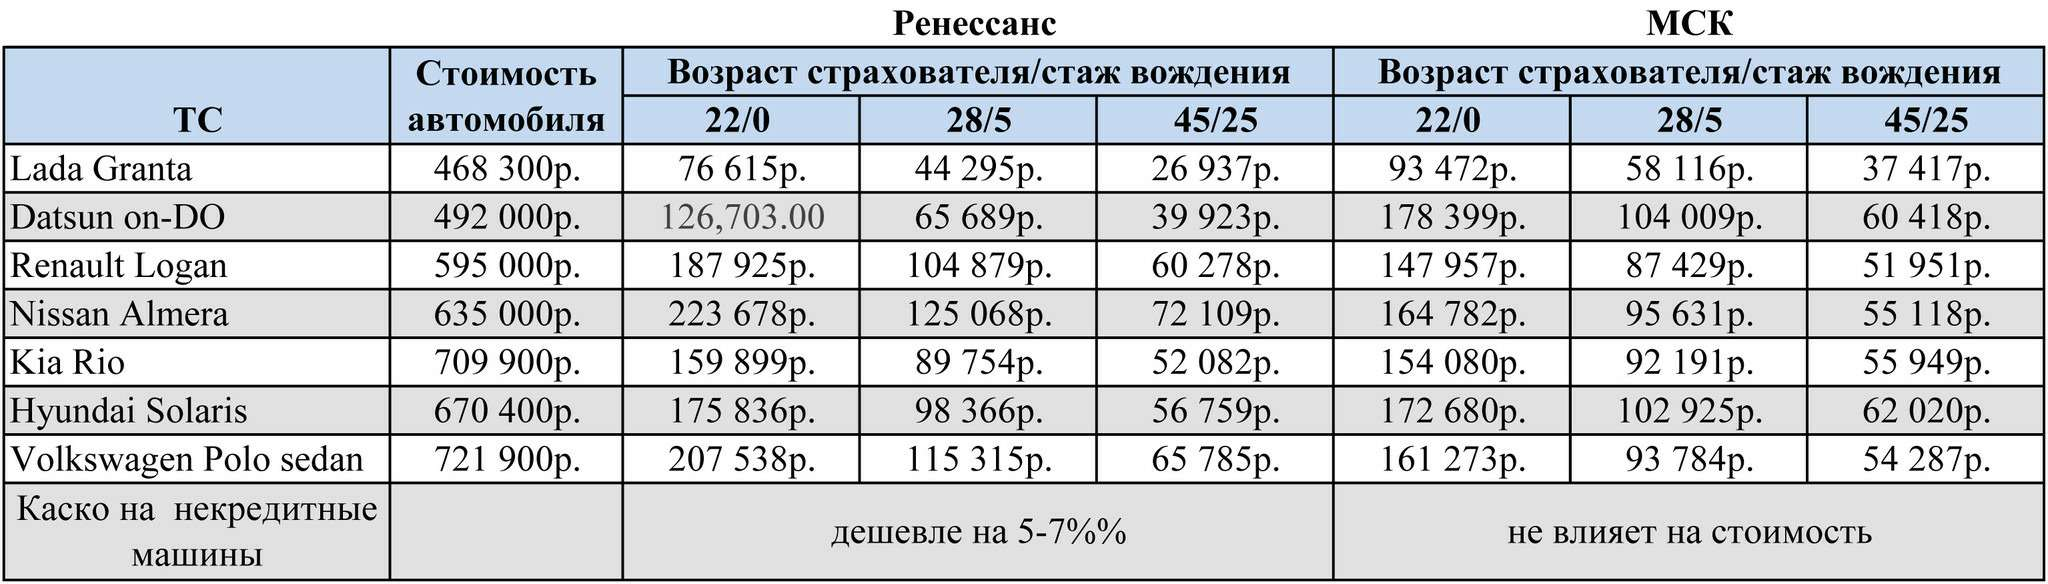 Ренесанс_МСК